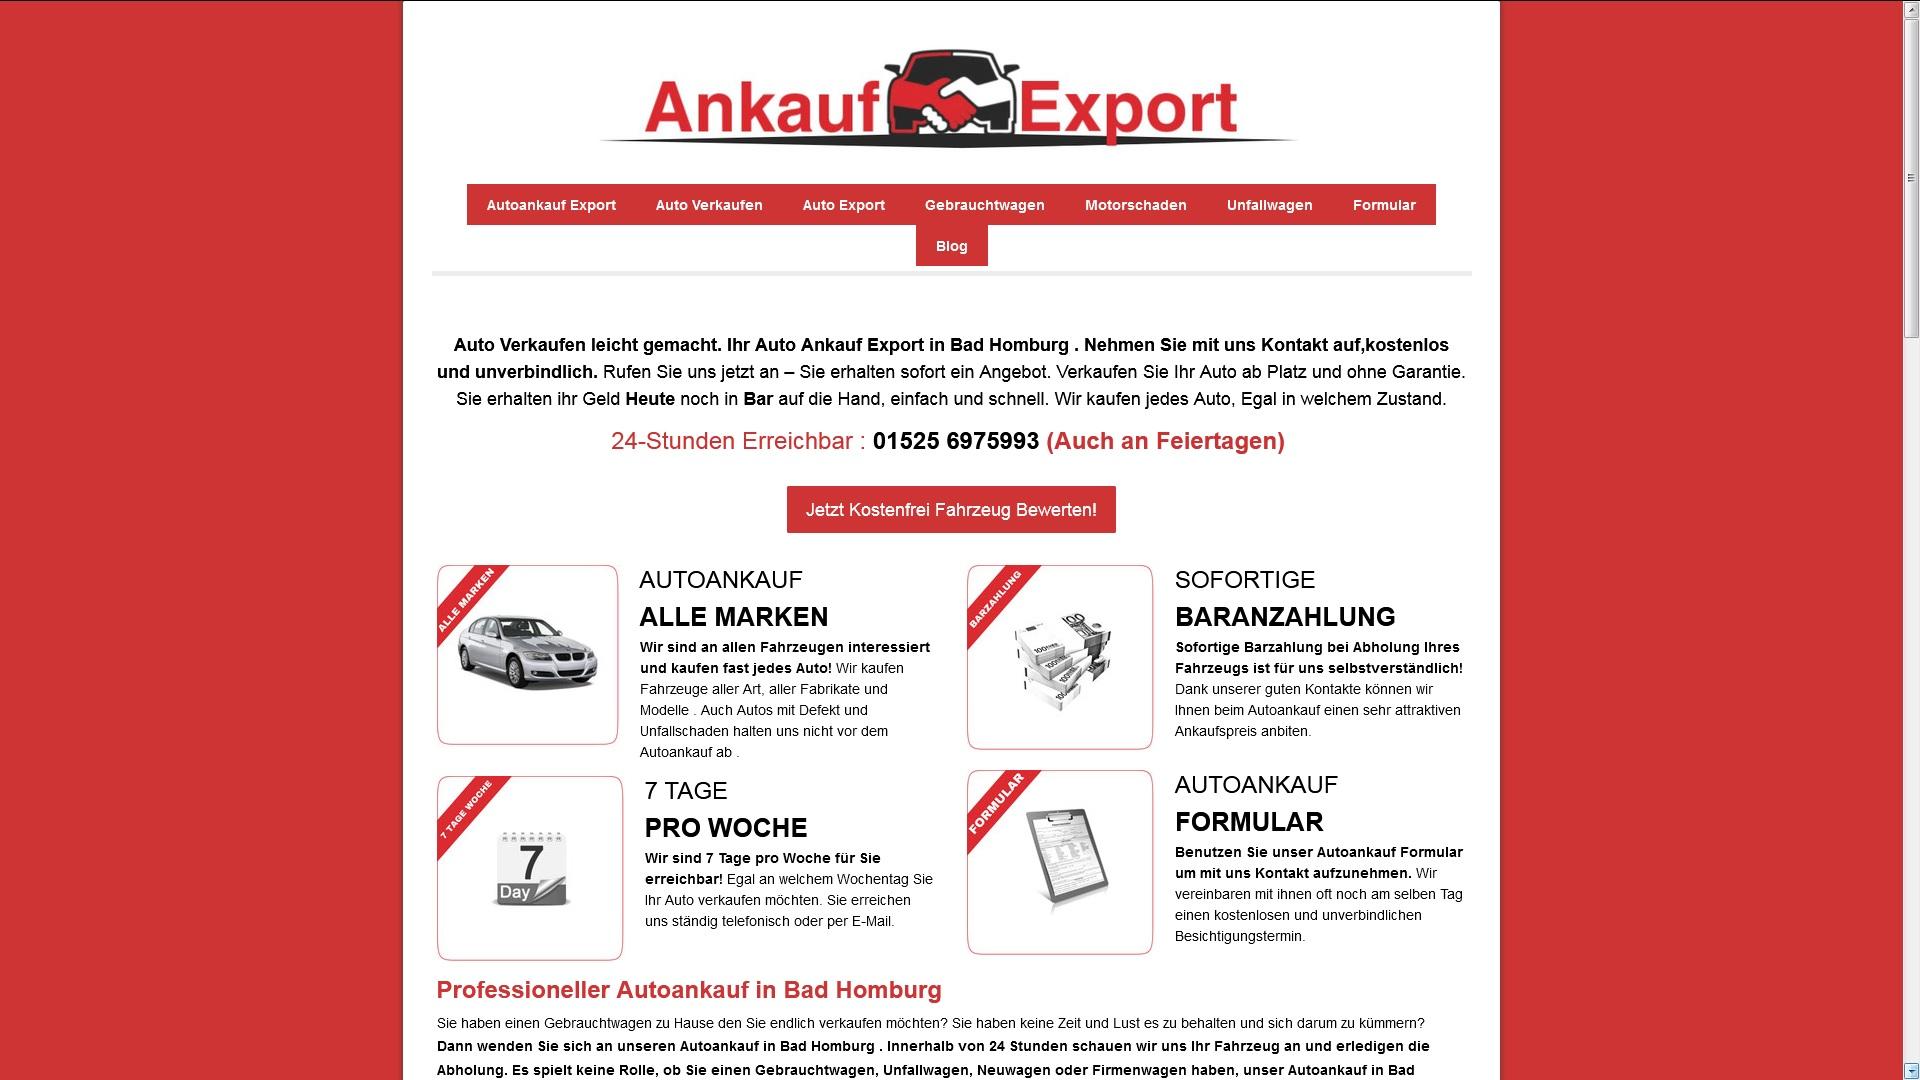 Autoanakuf Stuttgart